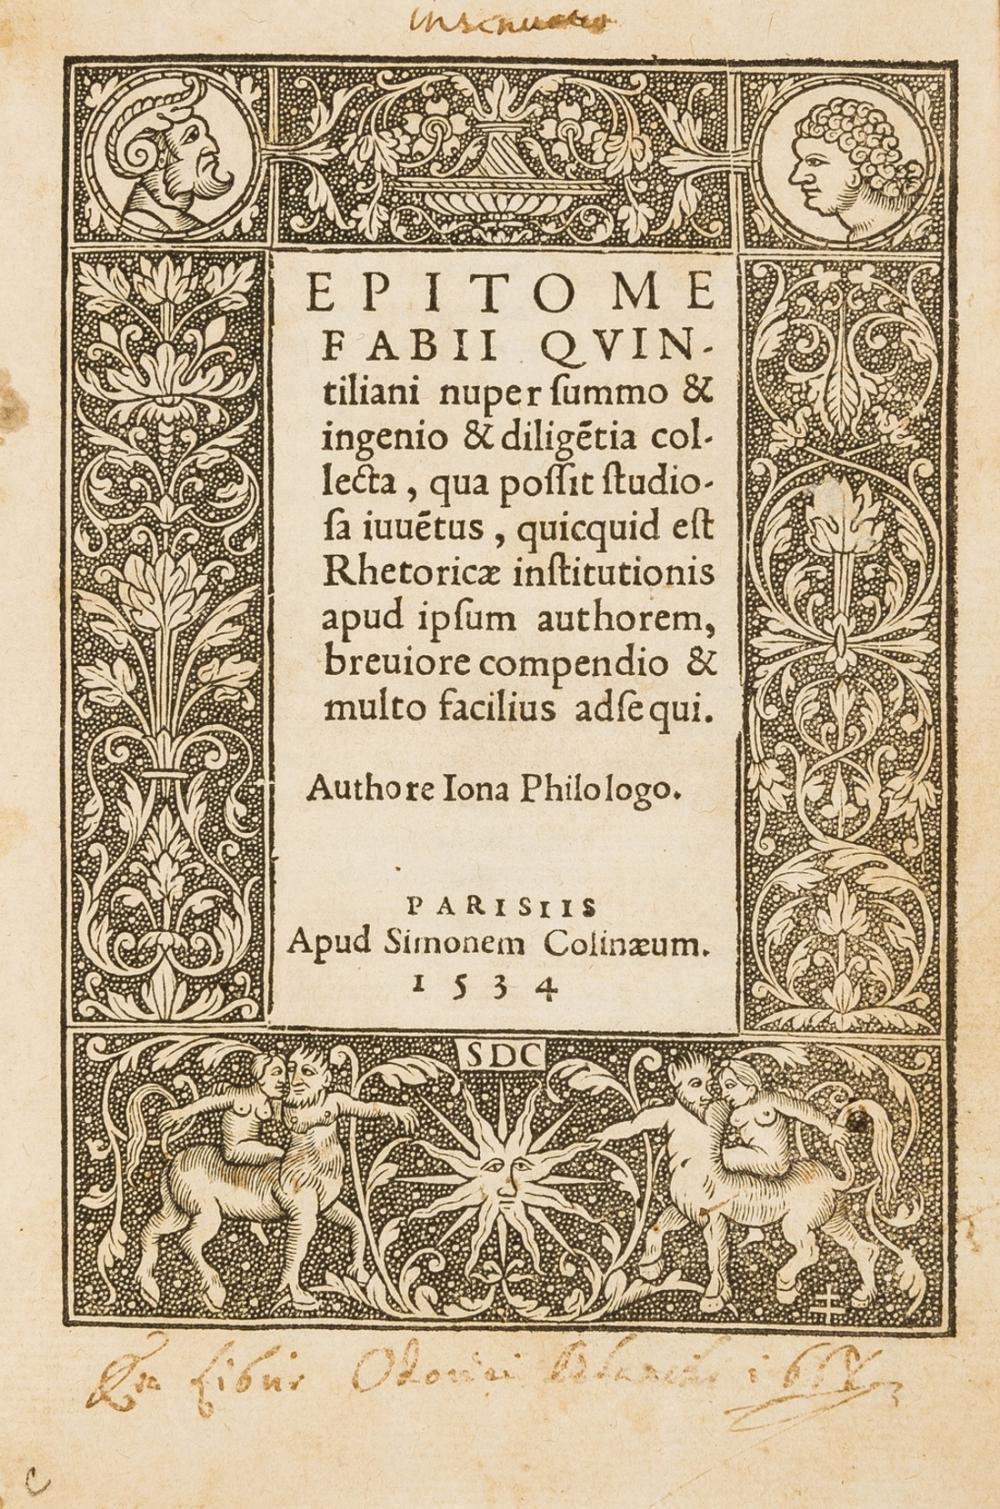 Colines.- Quintilianus (Marcus Fabius) Epitome [institutionis], a rare edition, Paris, Simon de Colines, 1534.